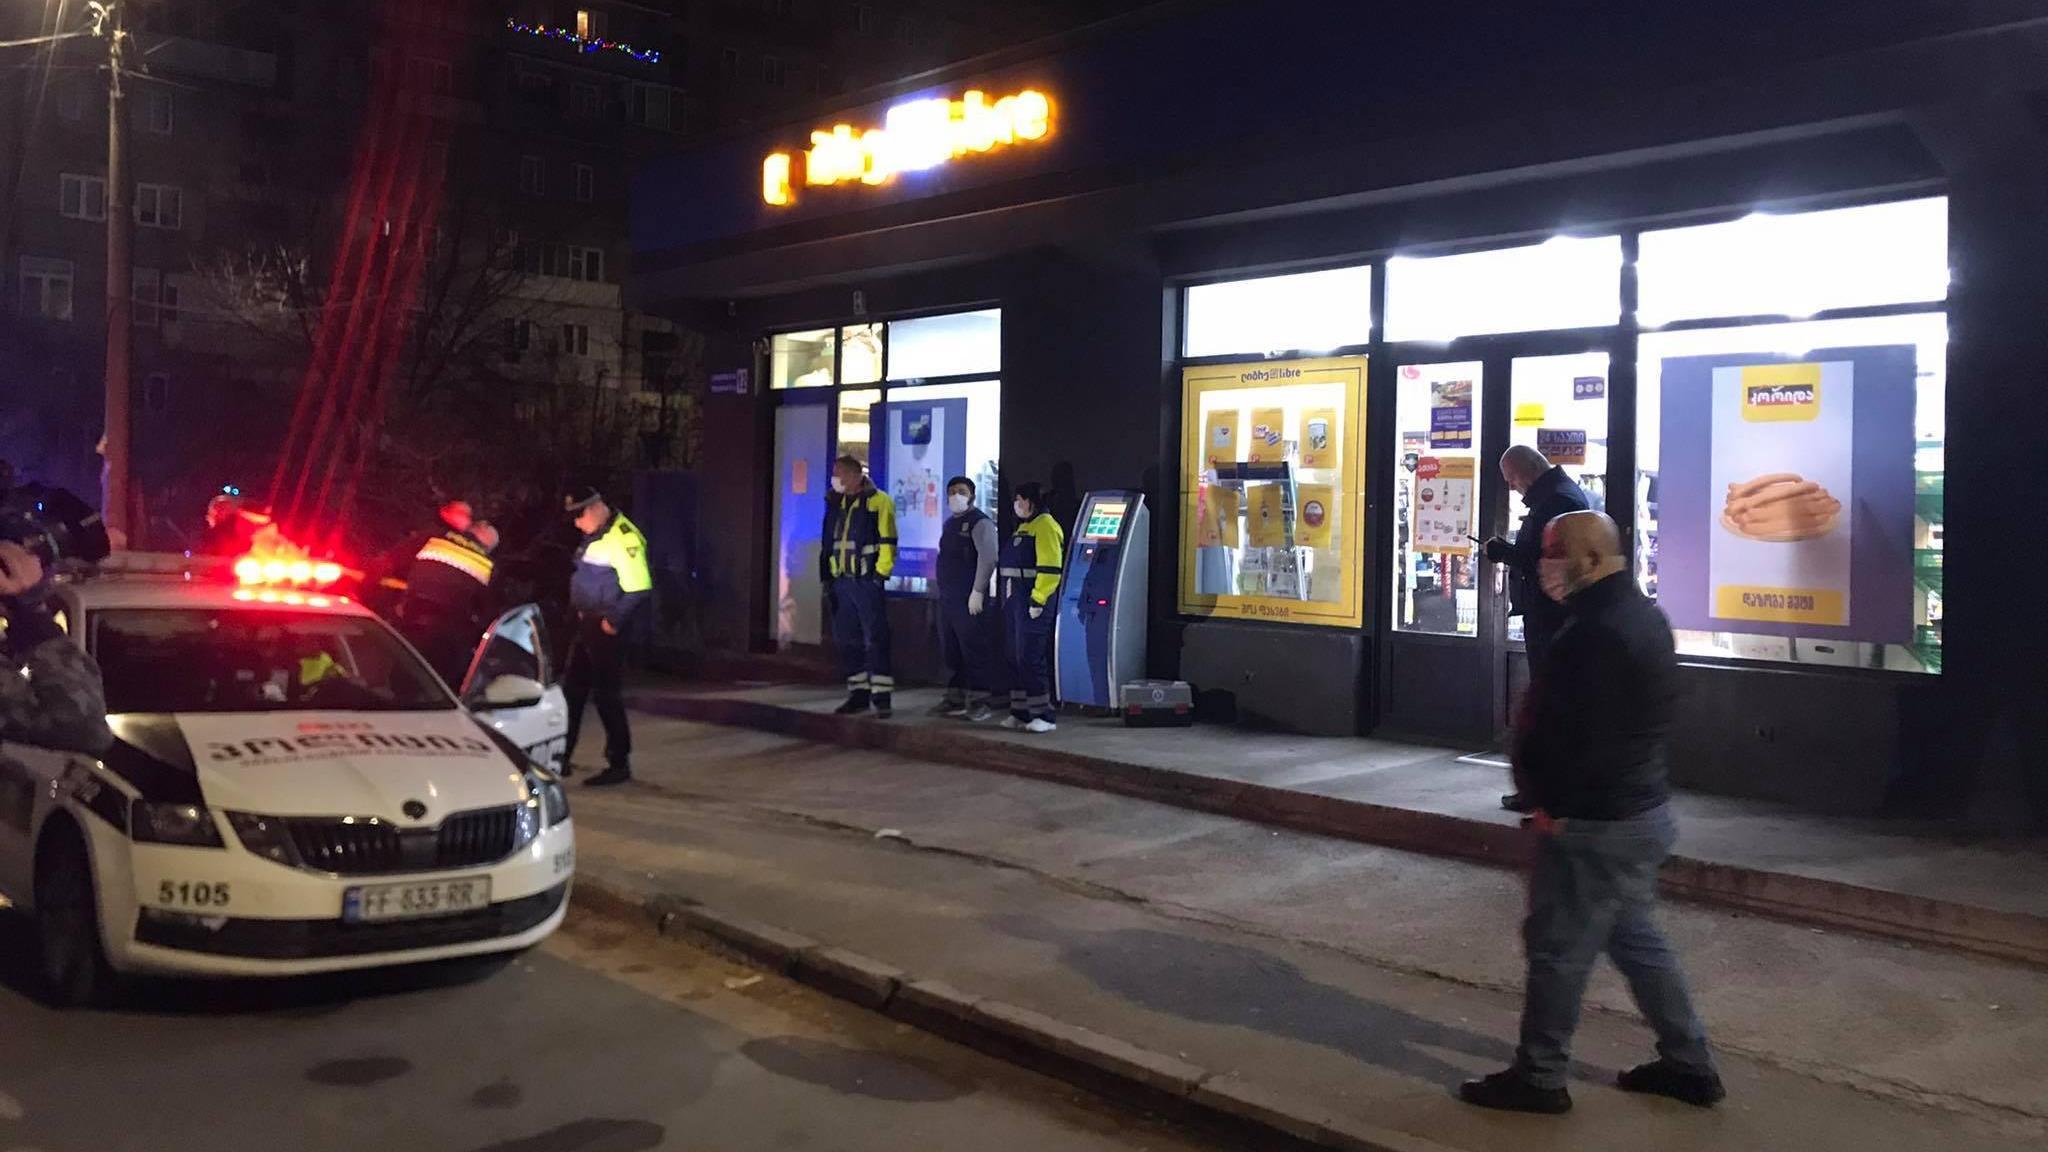 В Рустави неизвестные избили консультанта магазина